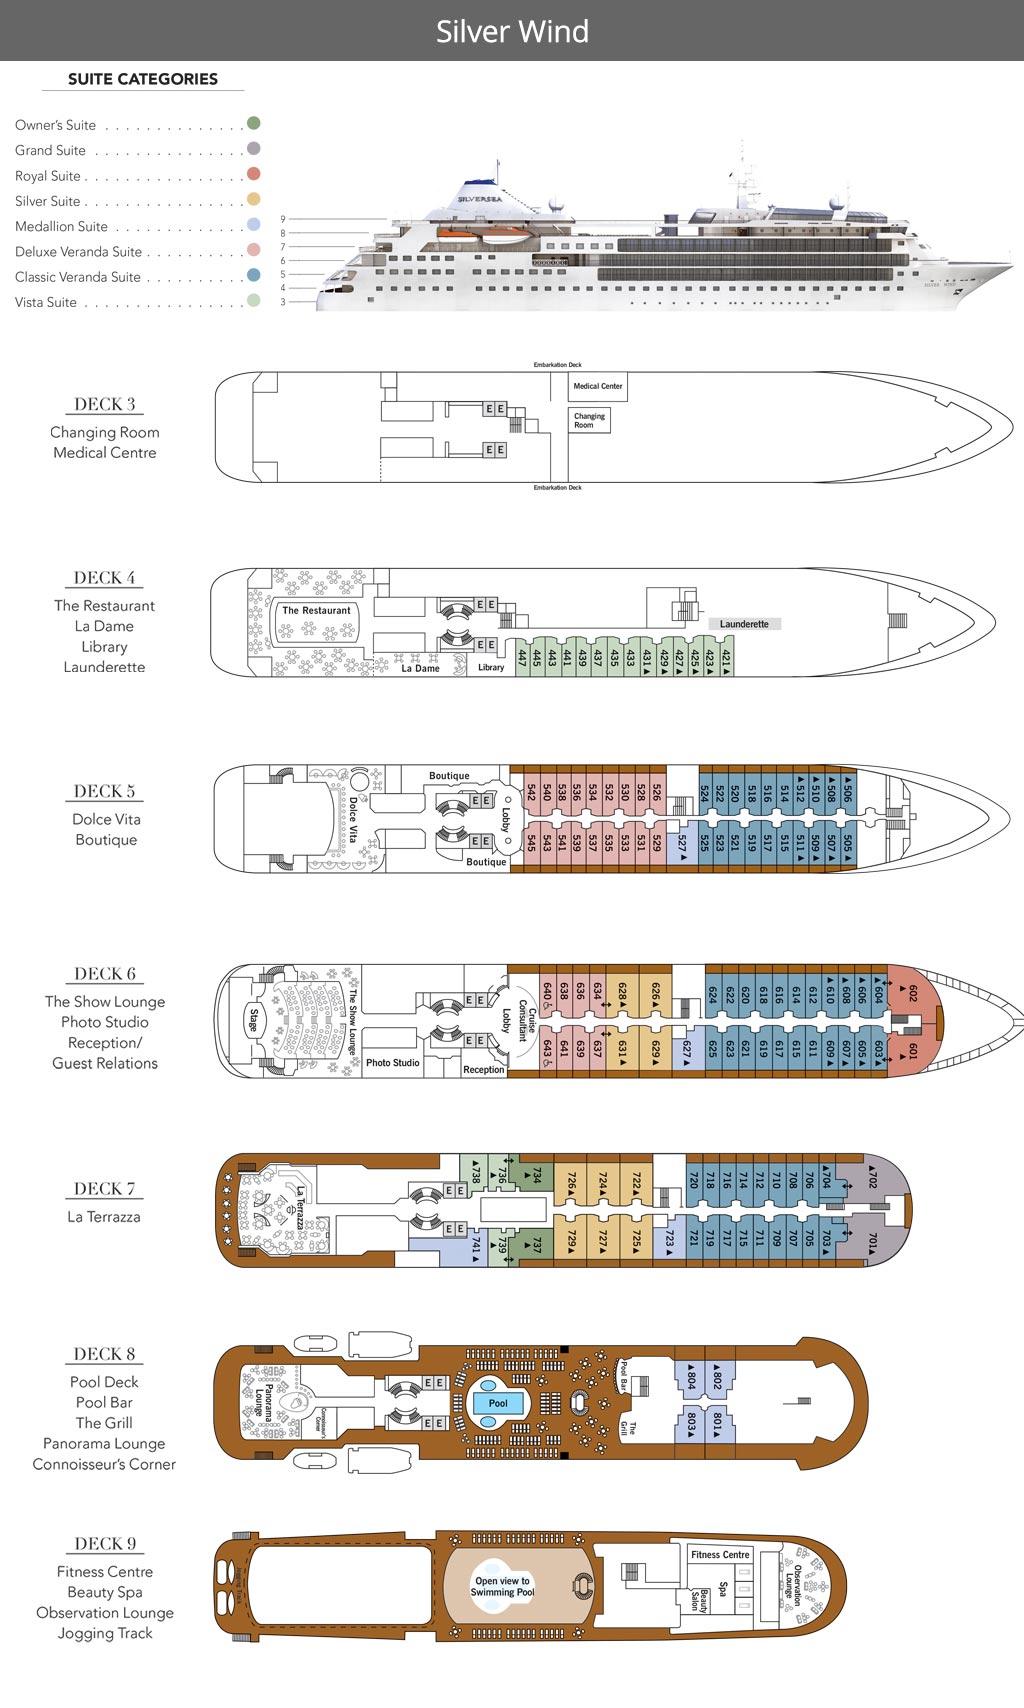 Silver Wind Deck Plan